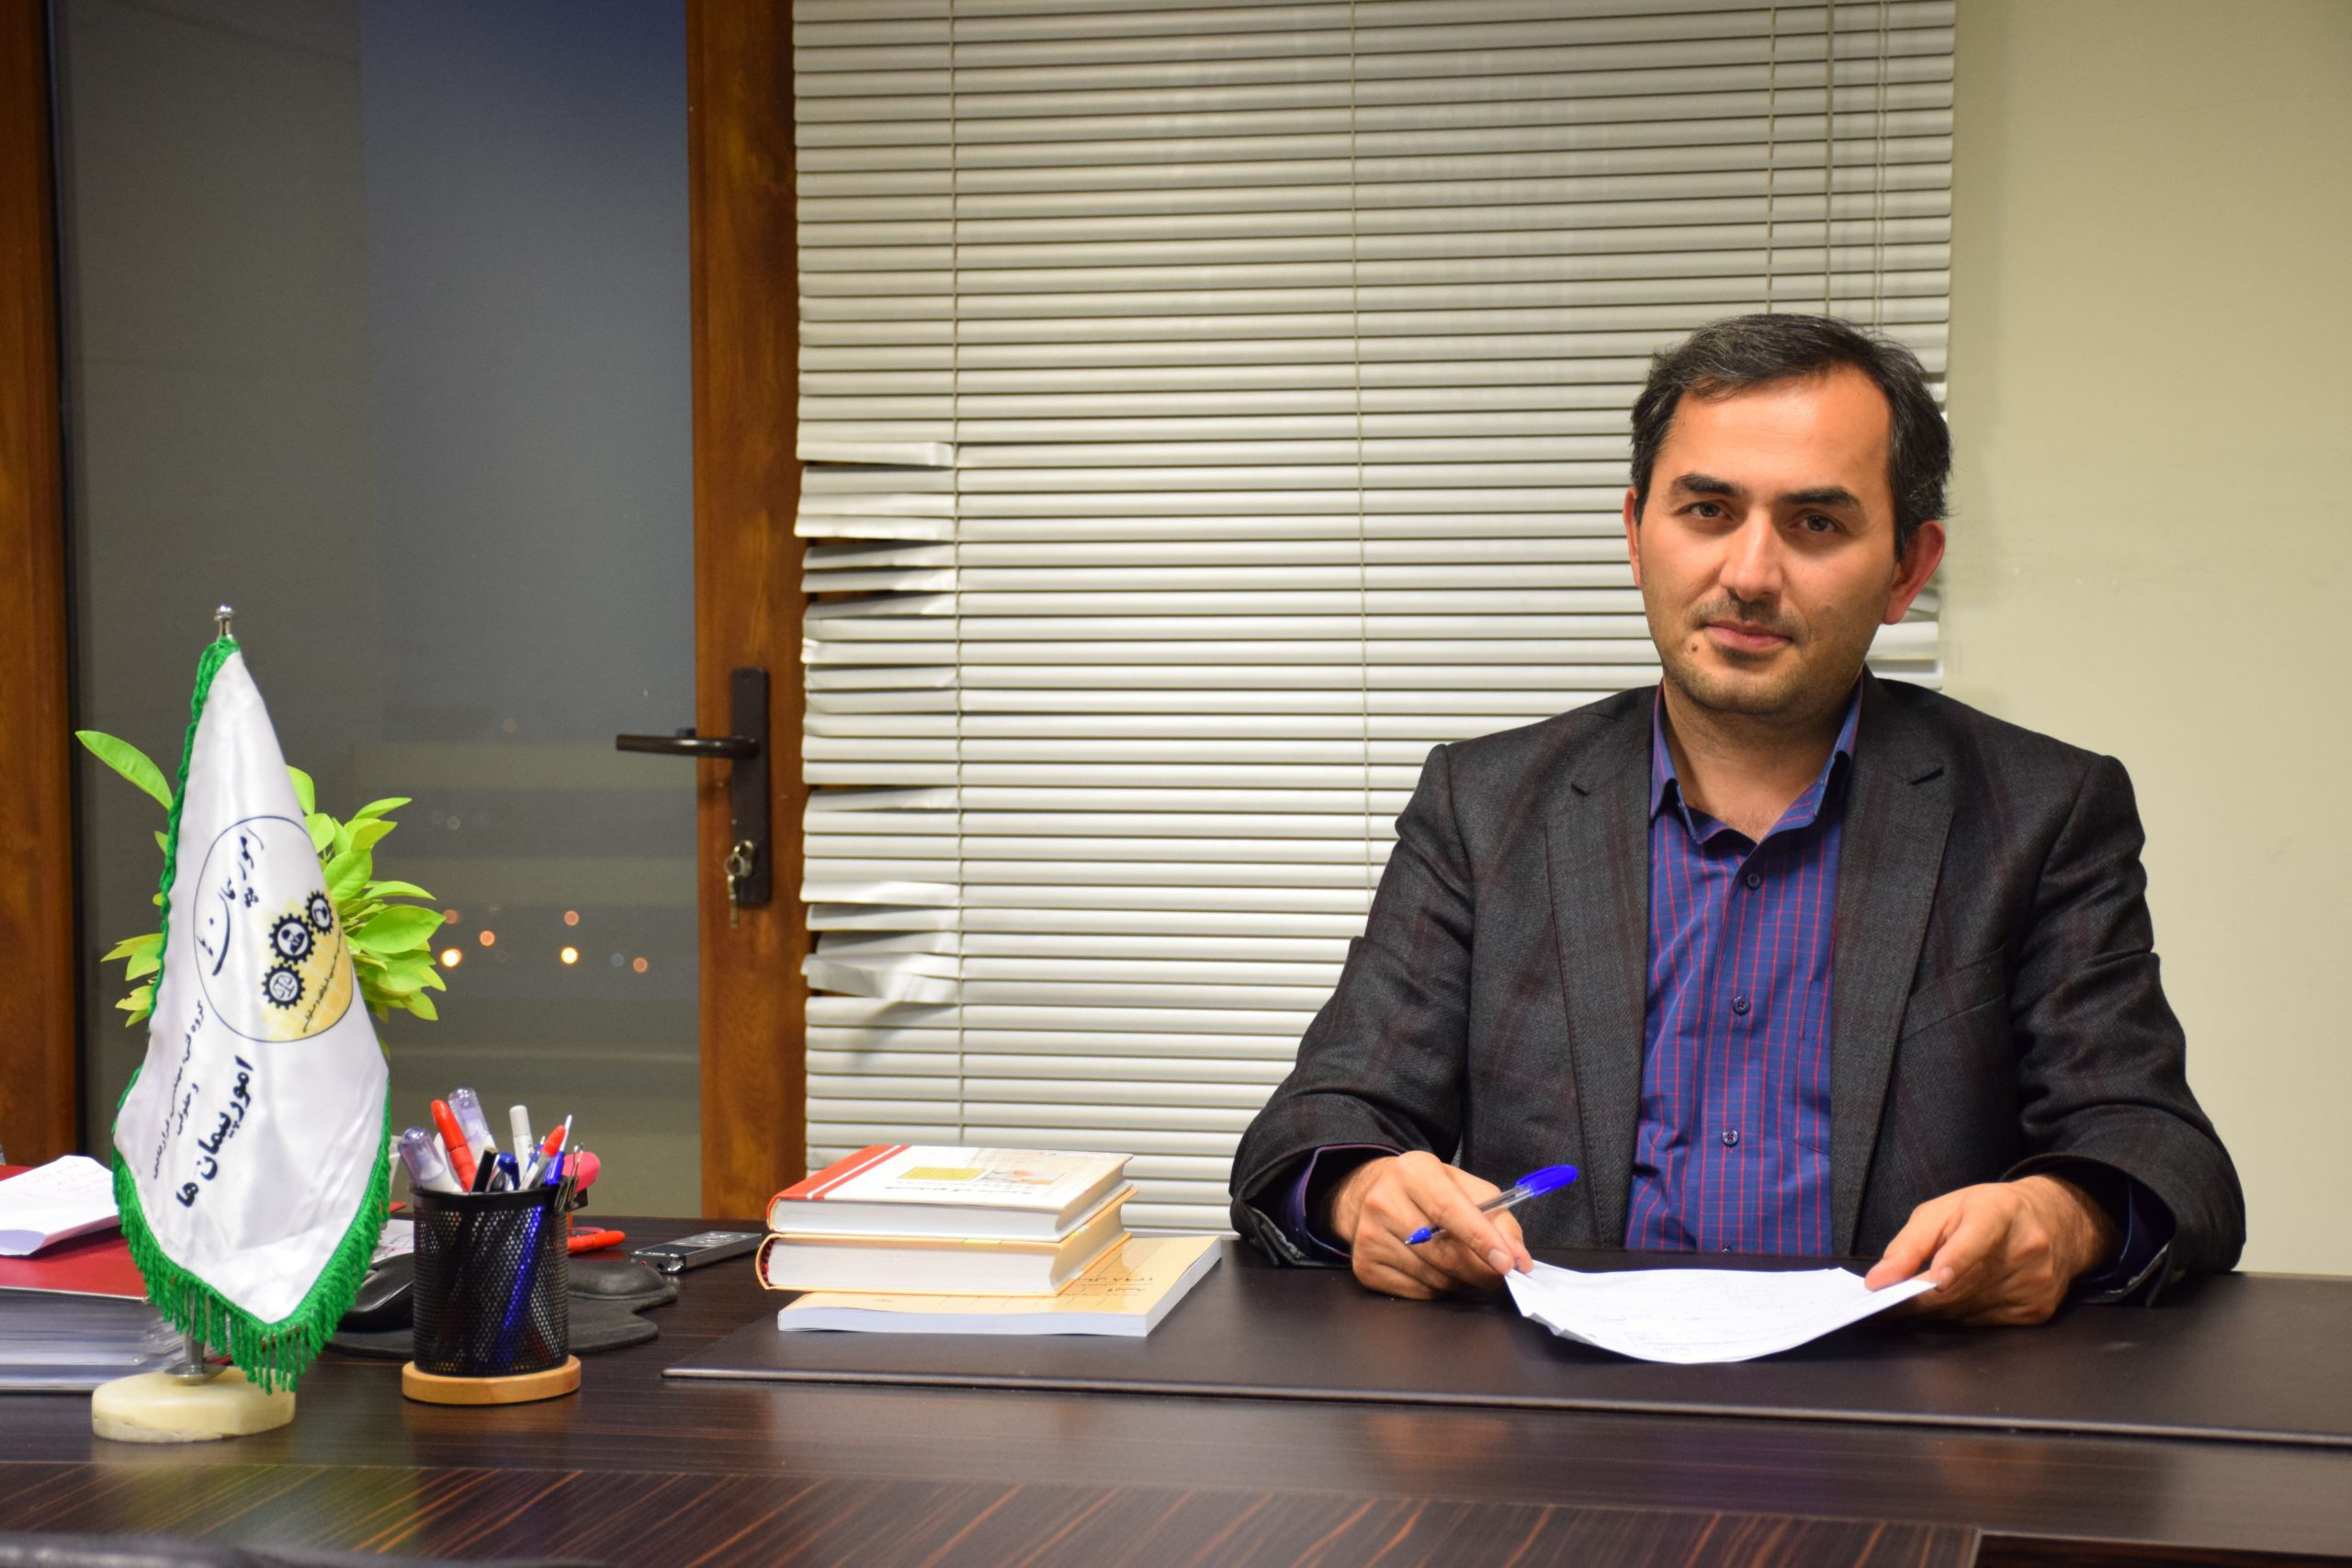 آقای مهندس علیرضا حسین - مدیر پروژه بازنگری فهرست بهای سازمان برنامه و بودجه کشور